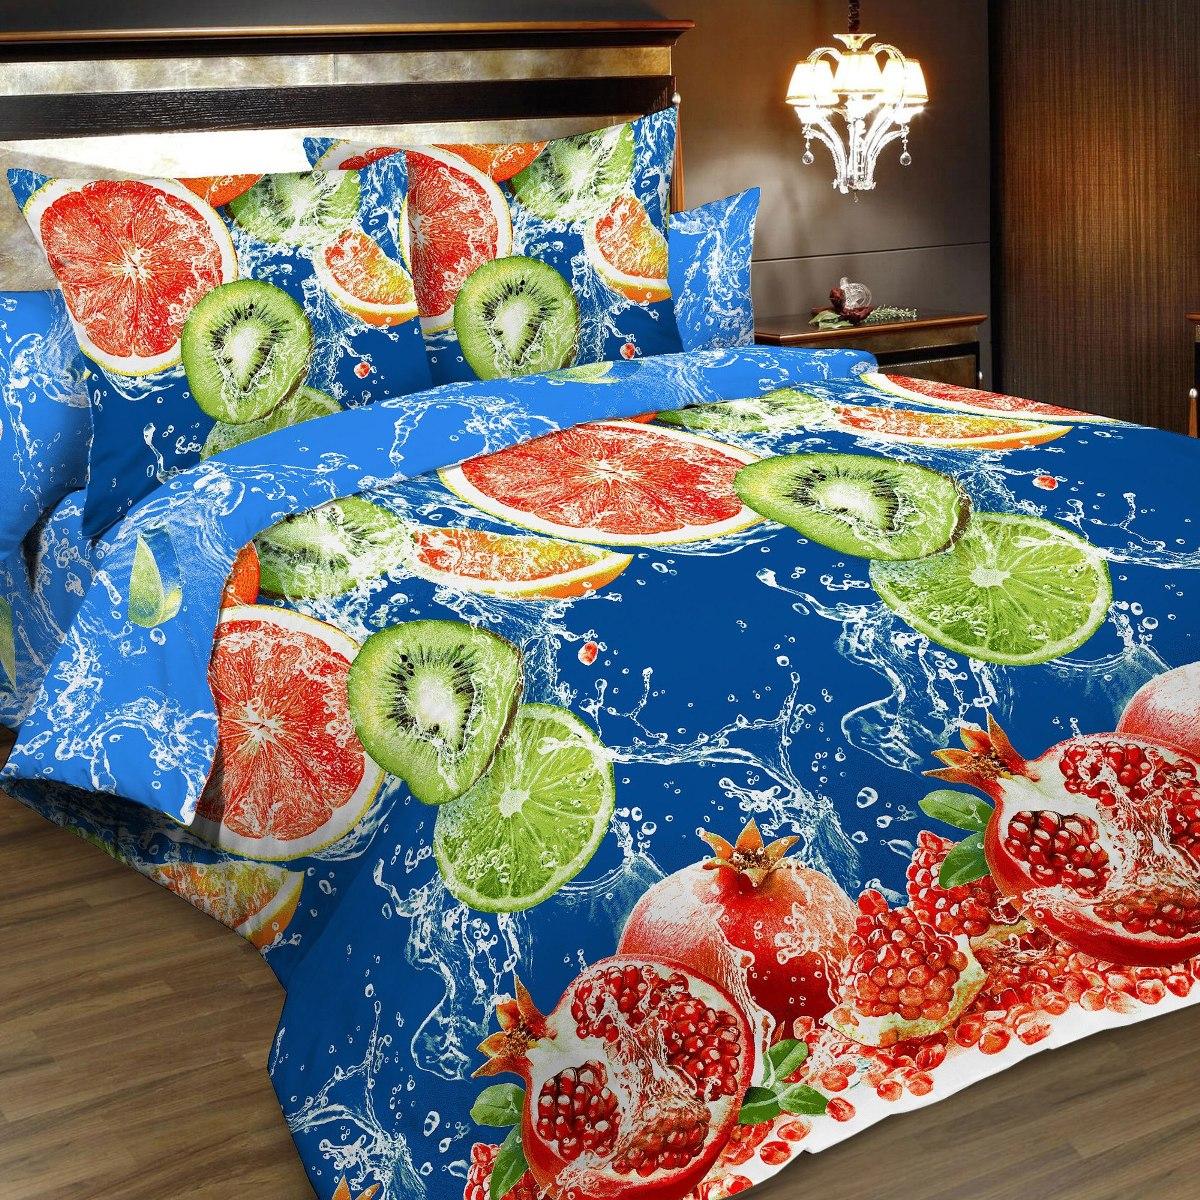 Комплект белья Letto, 1,5-спальный, наволочки 70х70. B166-388319Комплект постельного белья Letto выполнен из классической российской бязи (хлопка). Комплект состоит из пододеяльника, простыни и двух наволочек.Постельное белье, оформленное сочным 3D изображением фруктов, имеет изысканный внешний вид. Пододеяльник снабжен молнией.Благодаря такому комплекту постельного белья вы сможете создать атмосферу роскоши и романтики в вашей спальне. Уважаемые клиенты! Обращаем ваше внимание на тот факт, что расцветка наволочек может отличаться от представленной на фото.